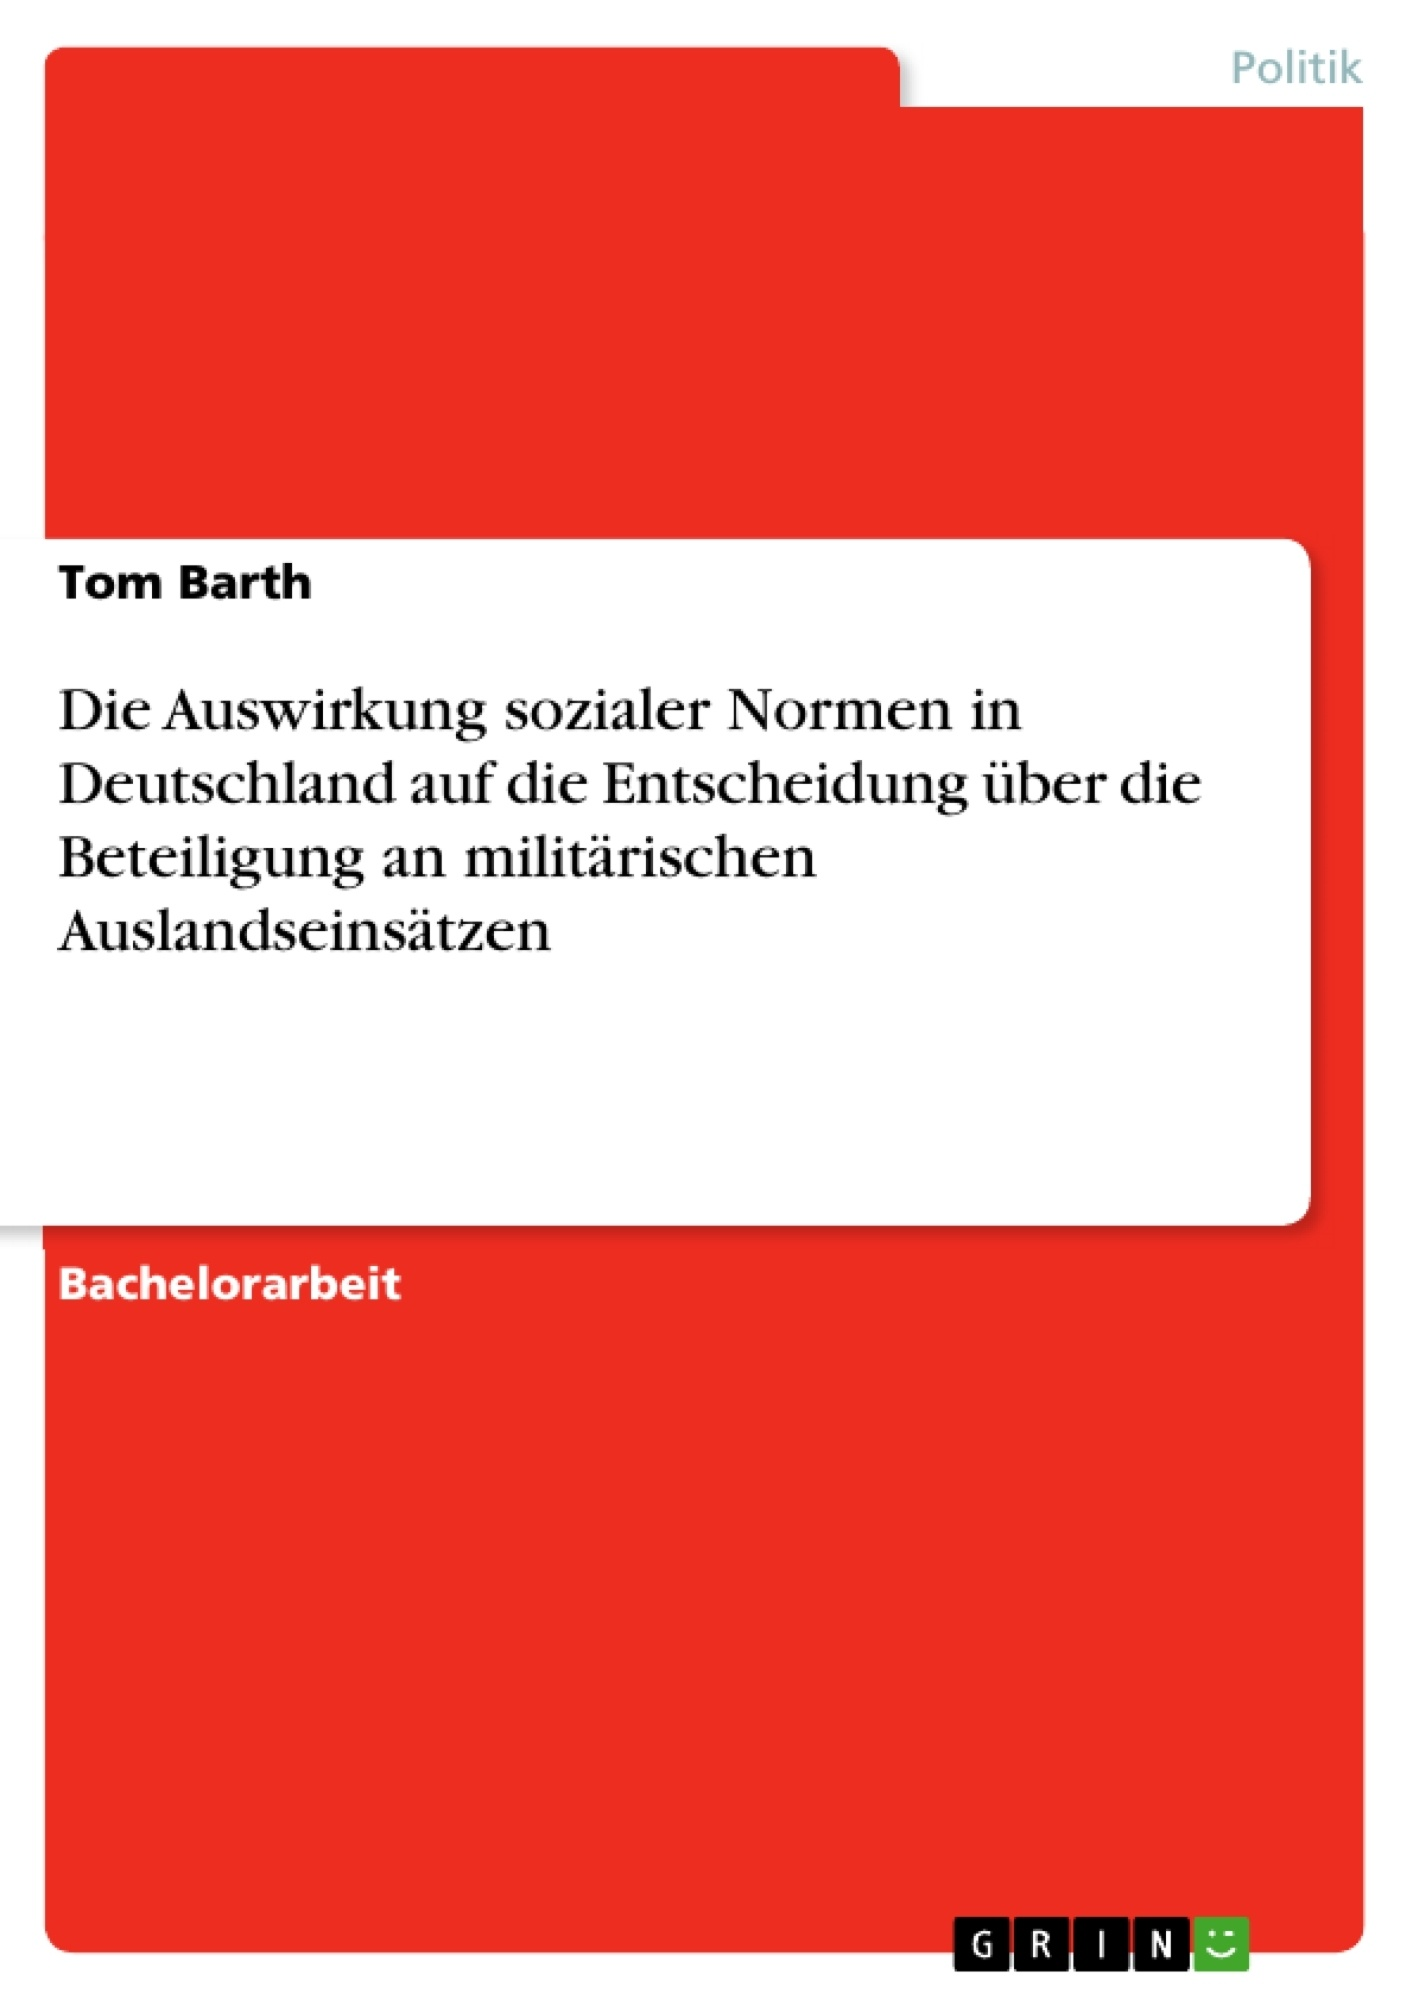 Titel: Die Auswirkung sozialer Normen in Deutschland auf die Entscheidung über die Beteiligung an militärischen Auslandseinsätzen